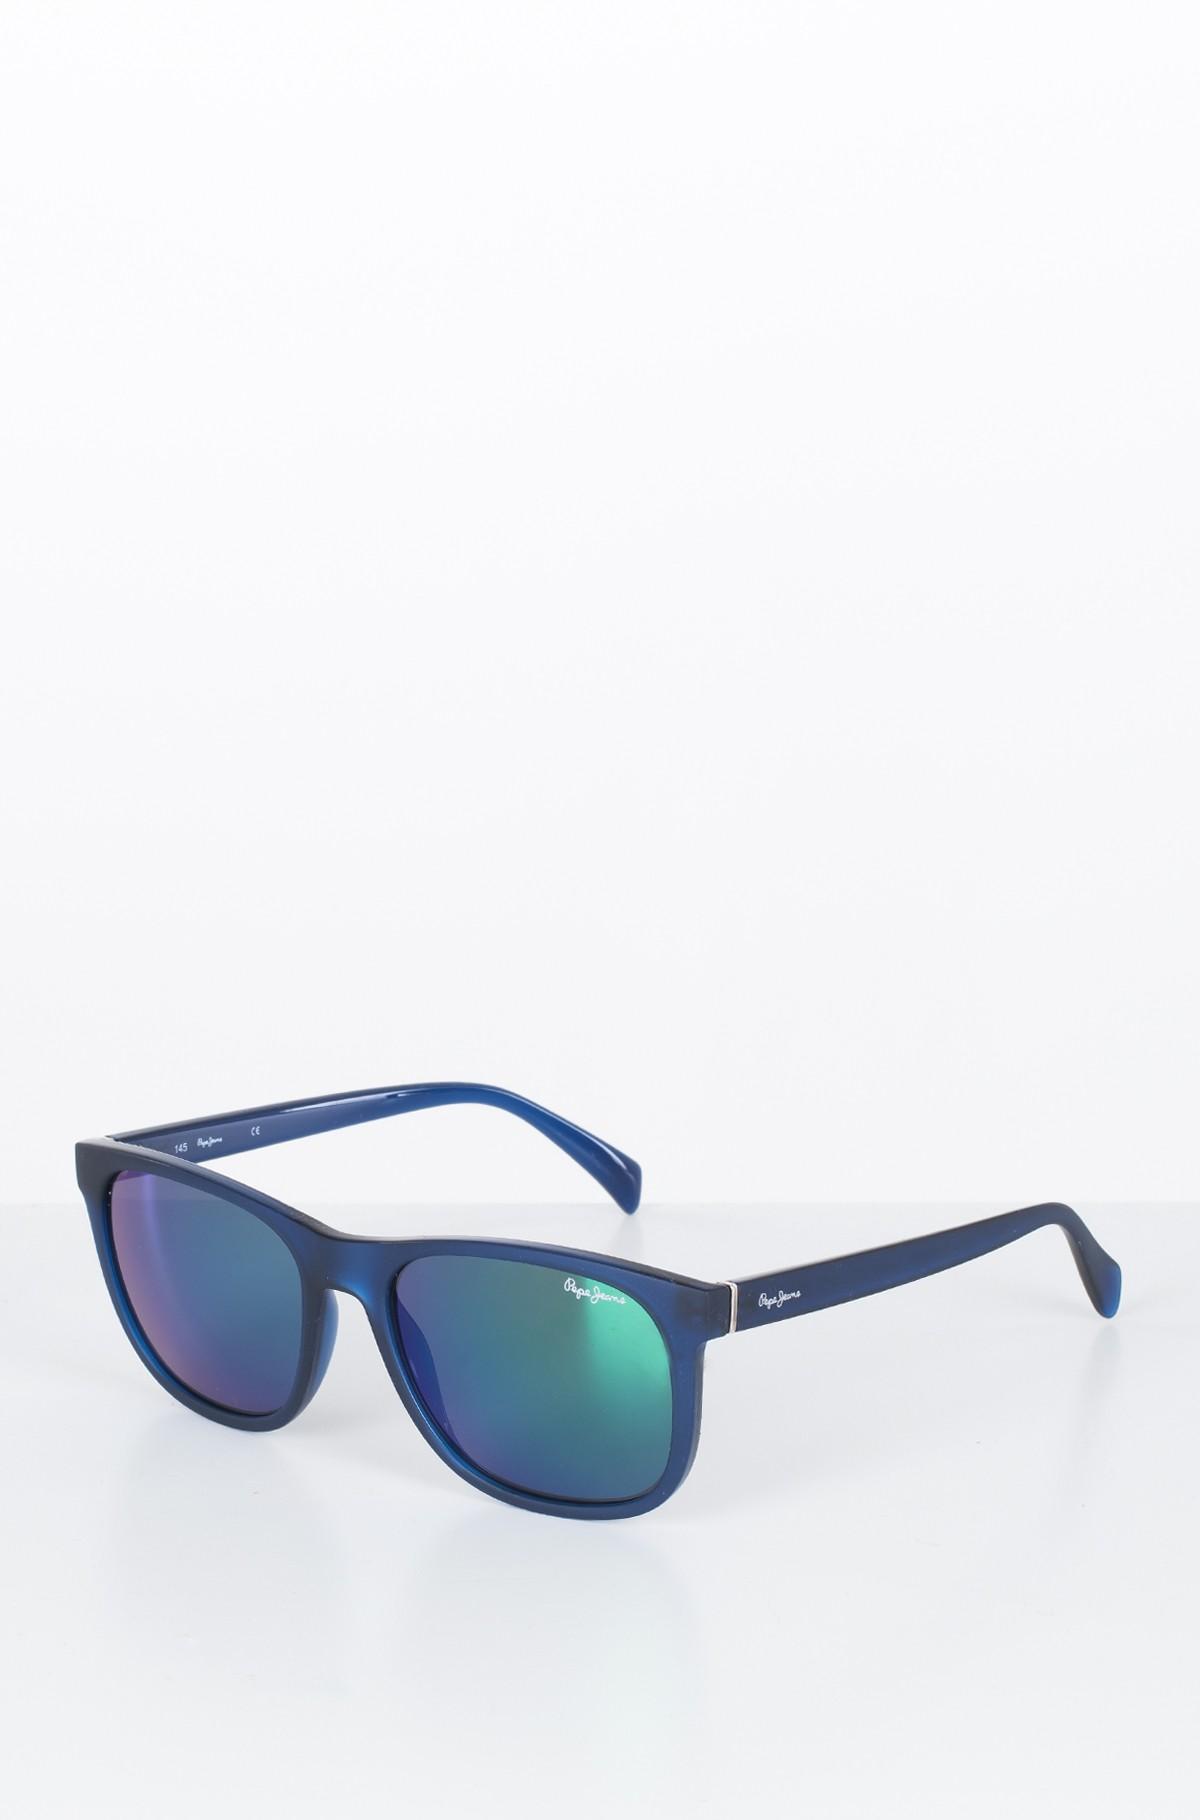 Saulesbrilles PJ7334-full-1